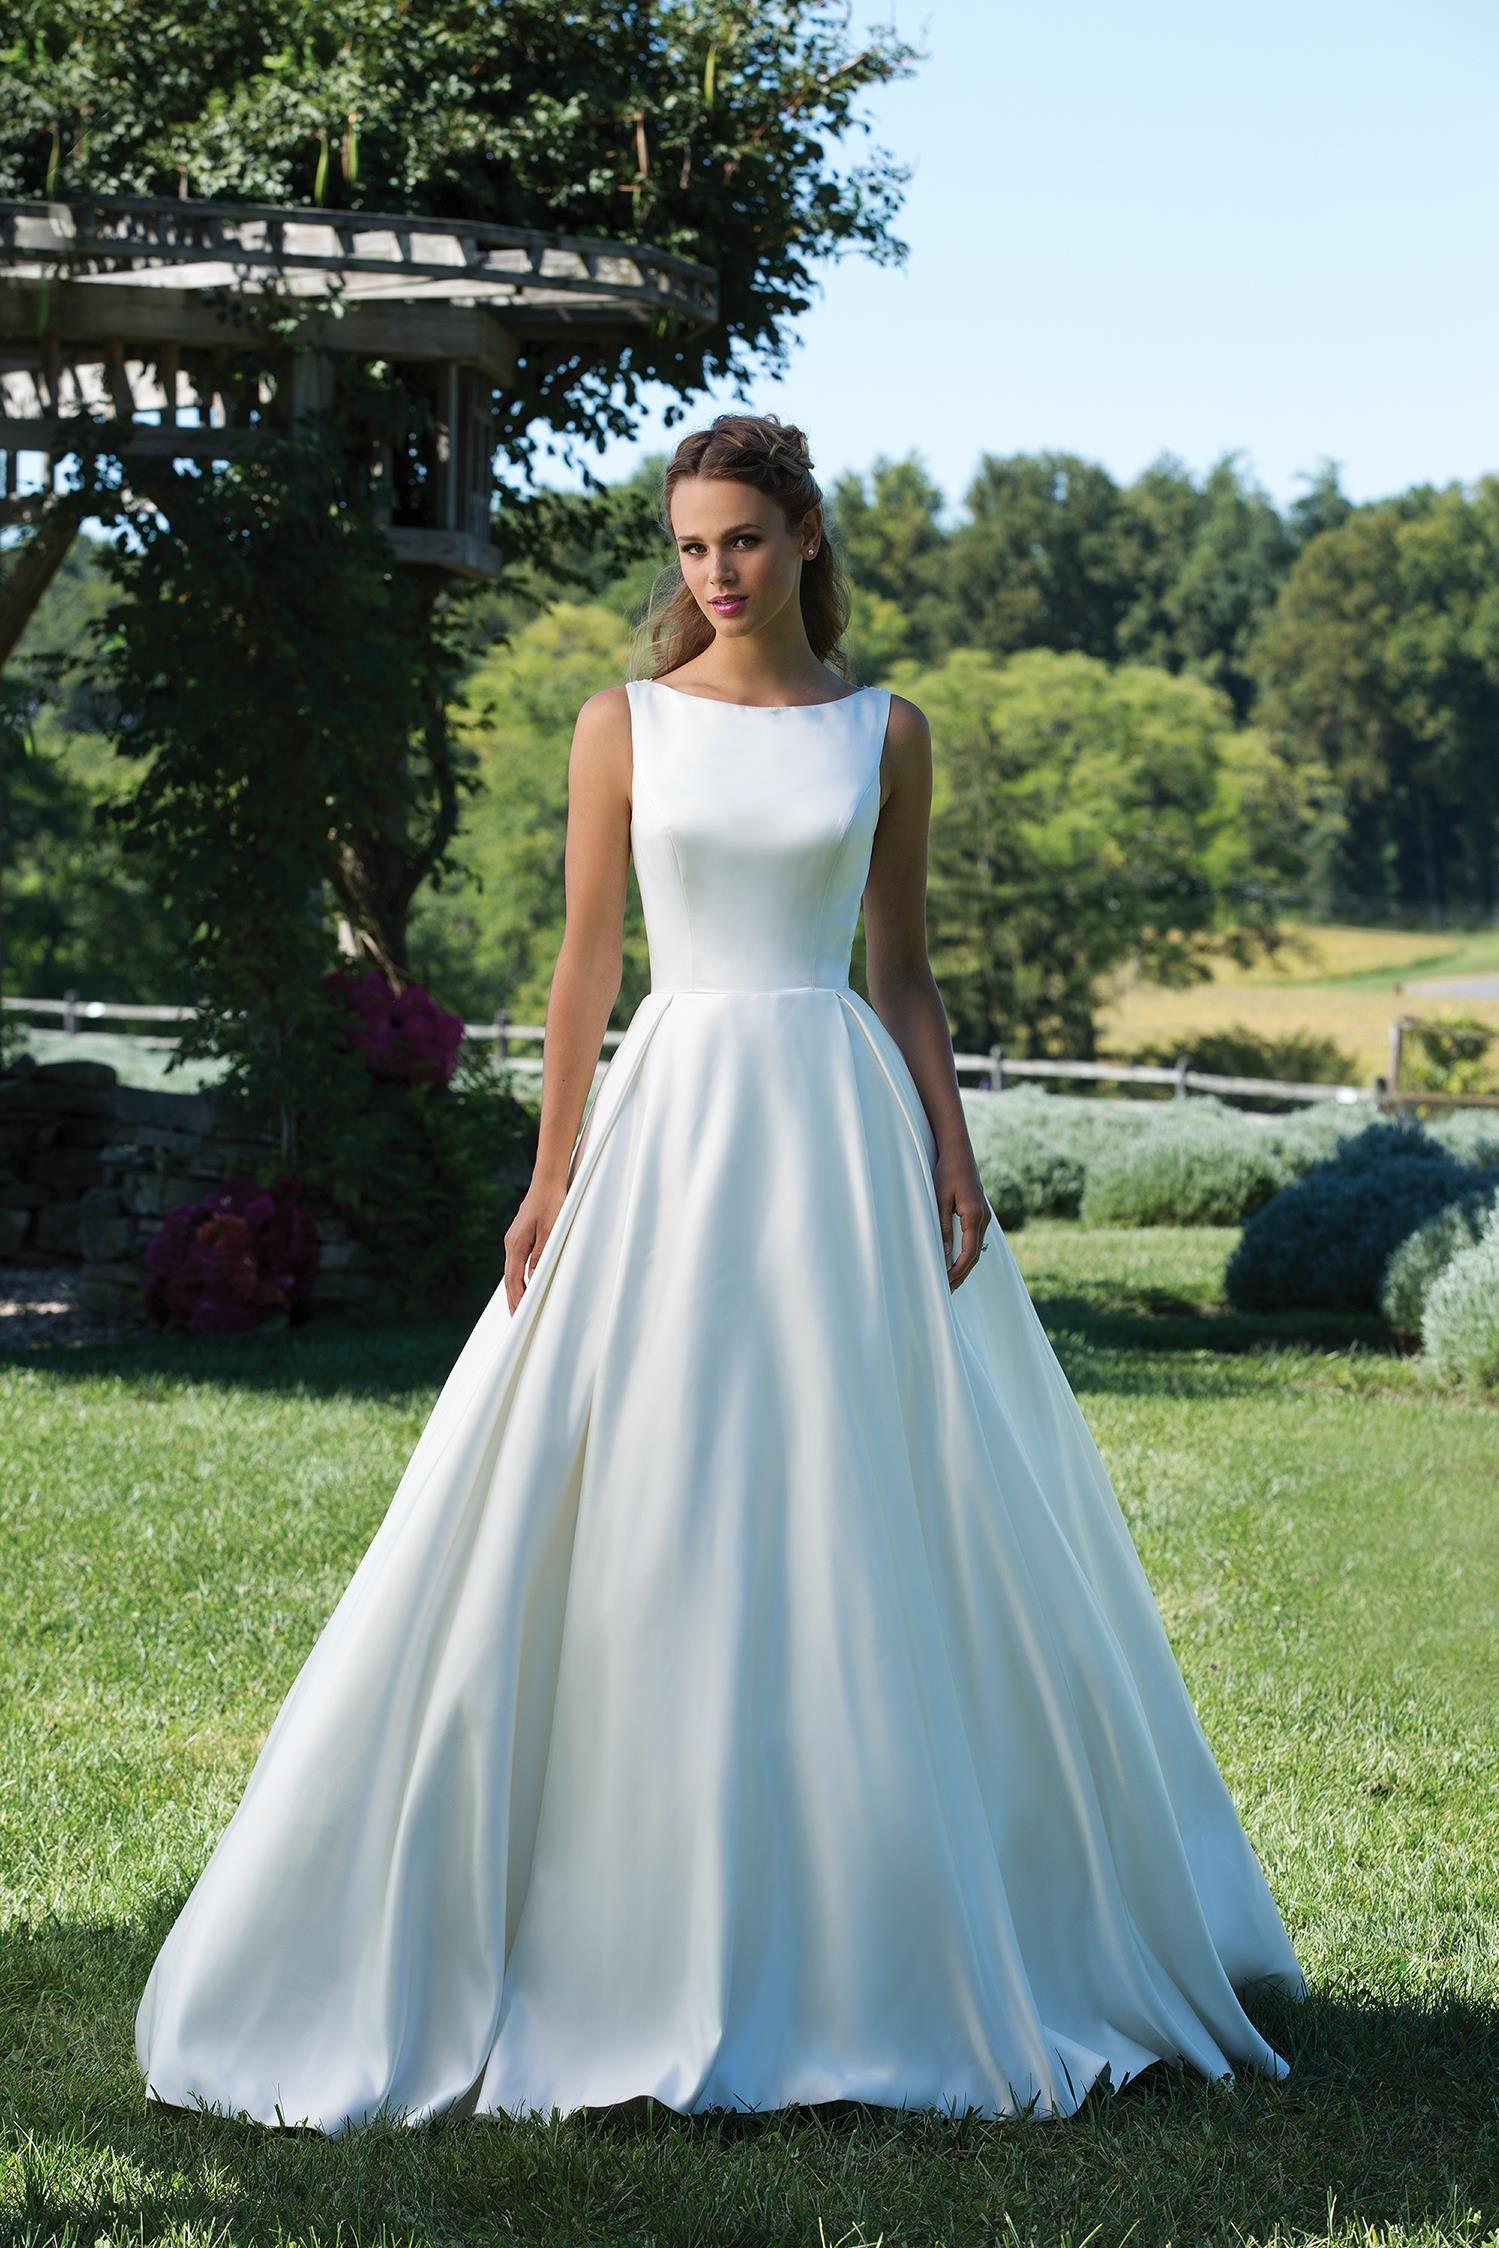 d928d4f9e1ed Svadobné šaty svadobný salon valery